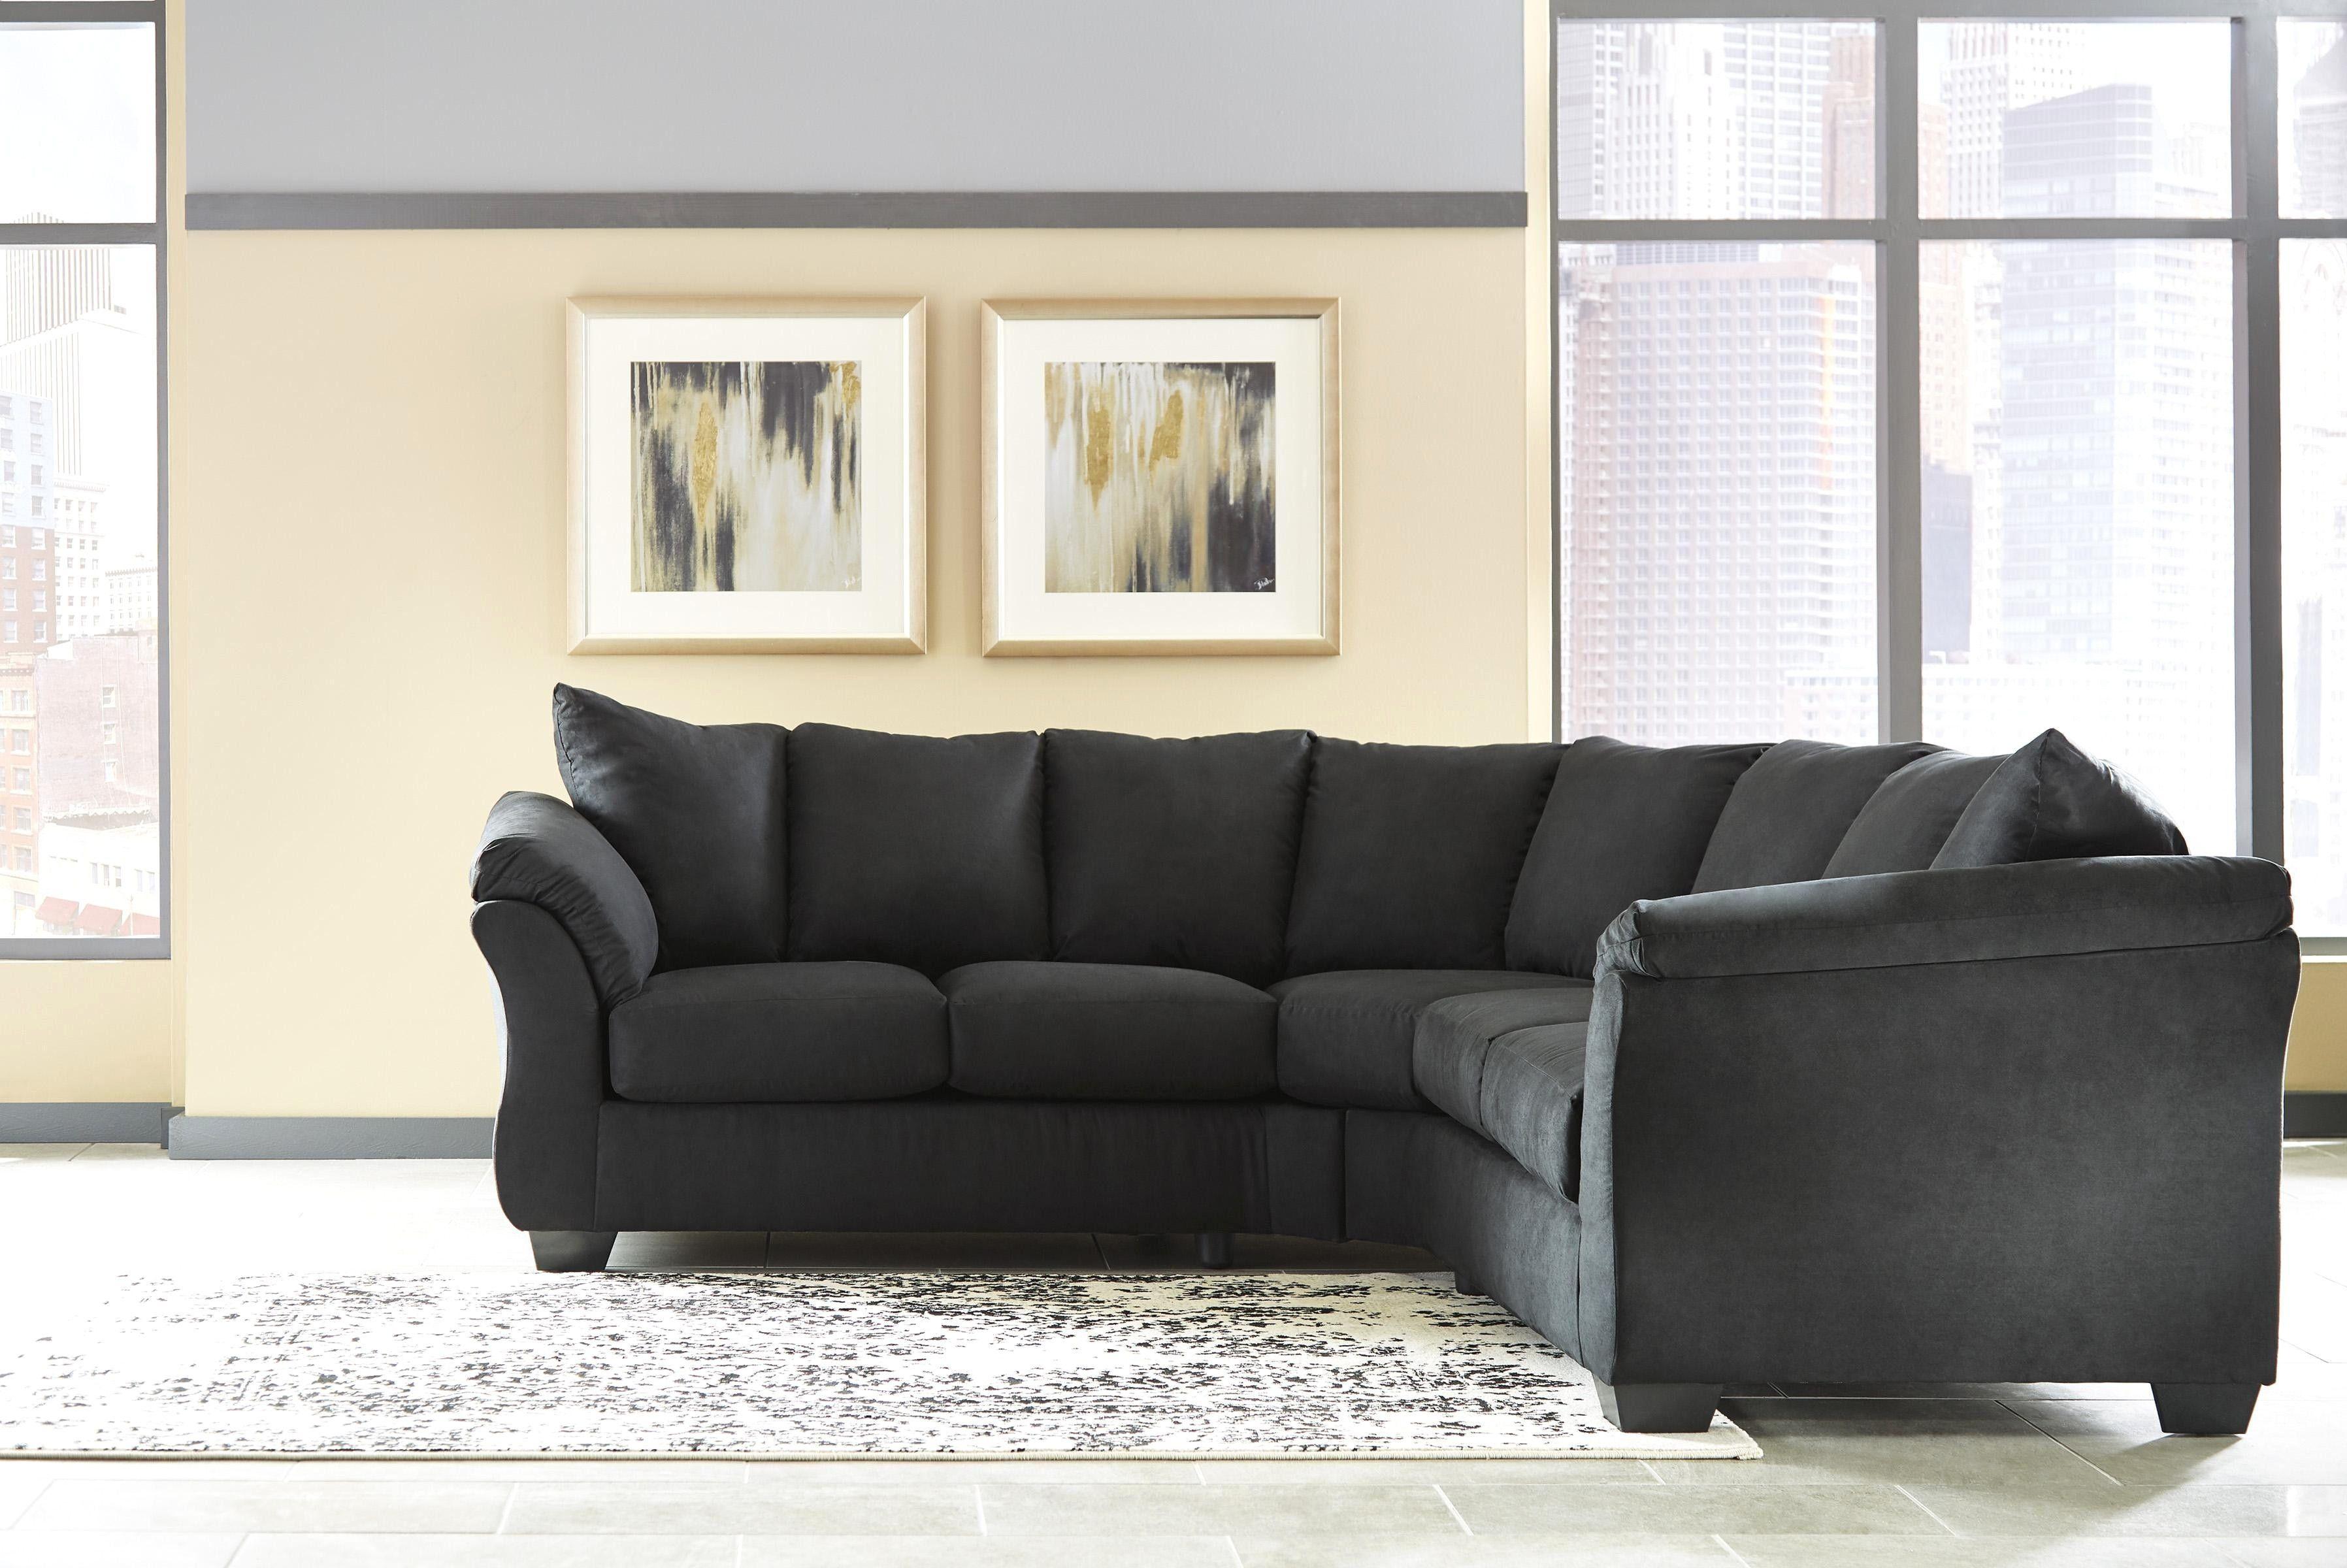 30 Inspiration Image Of Awkward Living Room Awkward Living Room